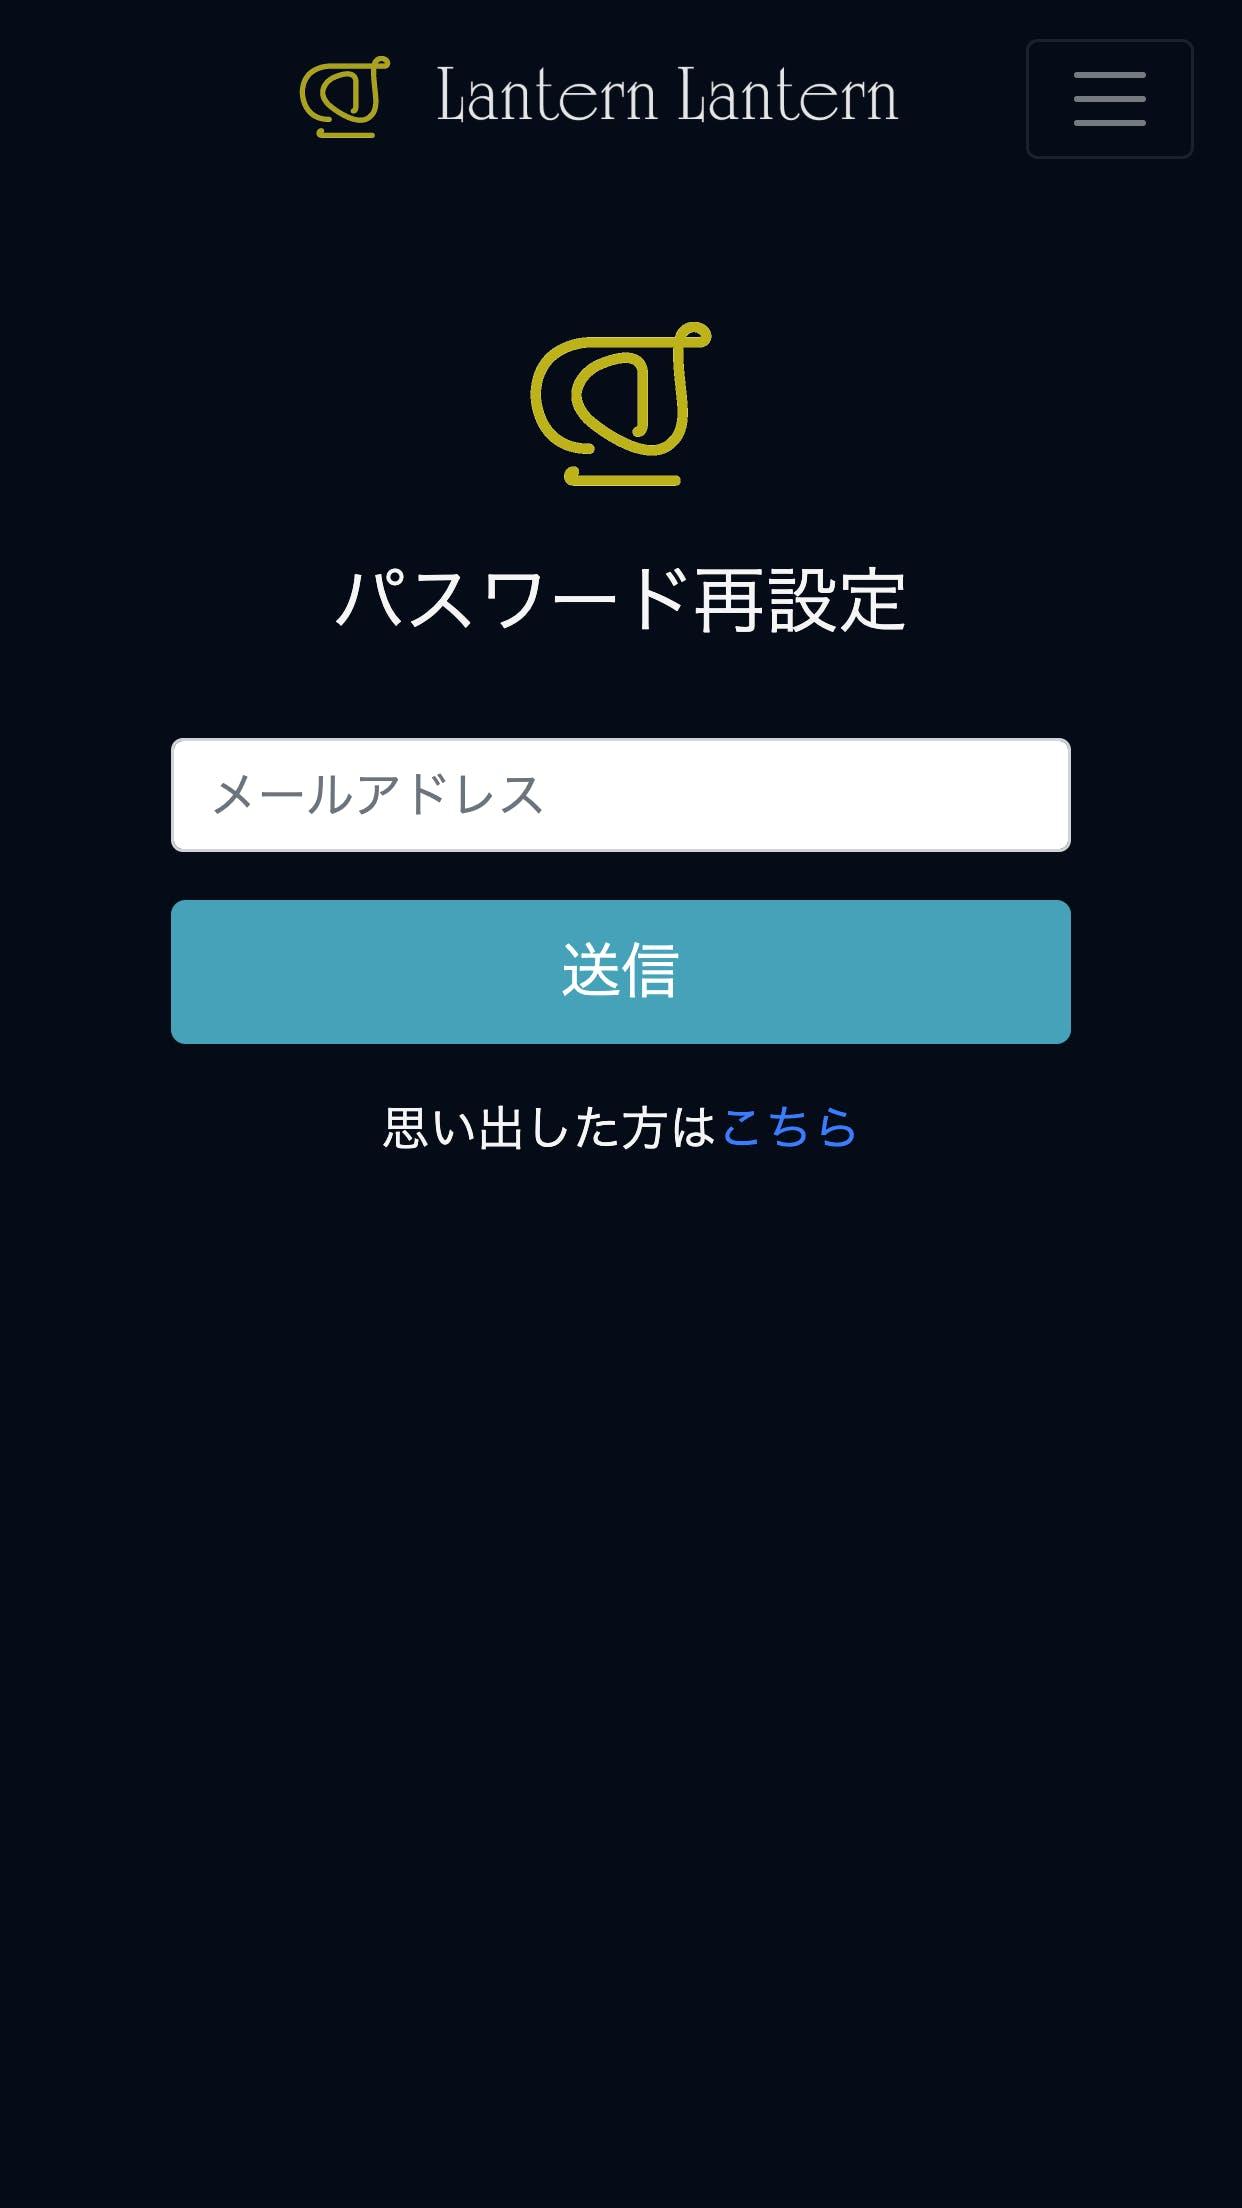 lantern_lantern_reset_password_1.png